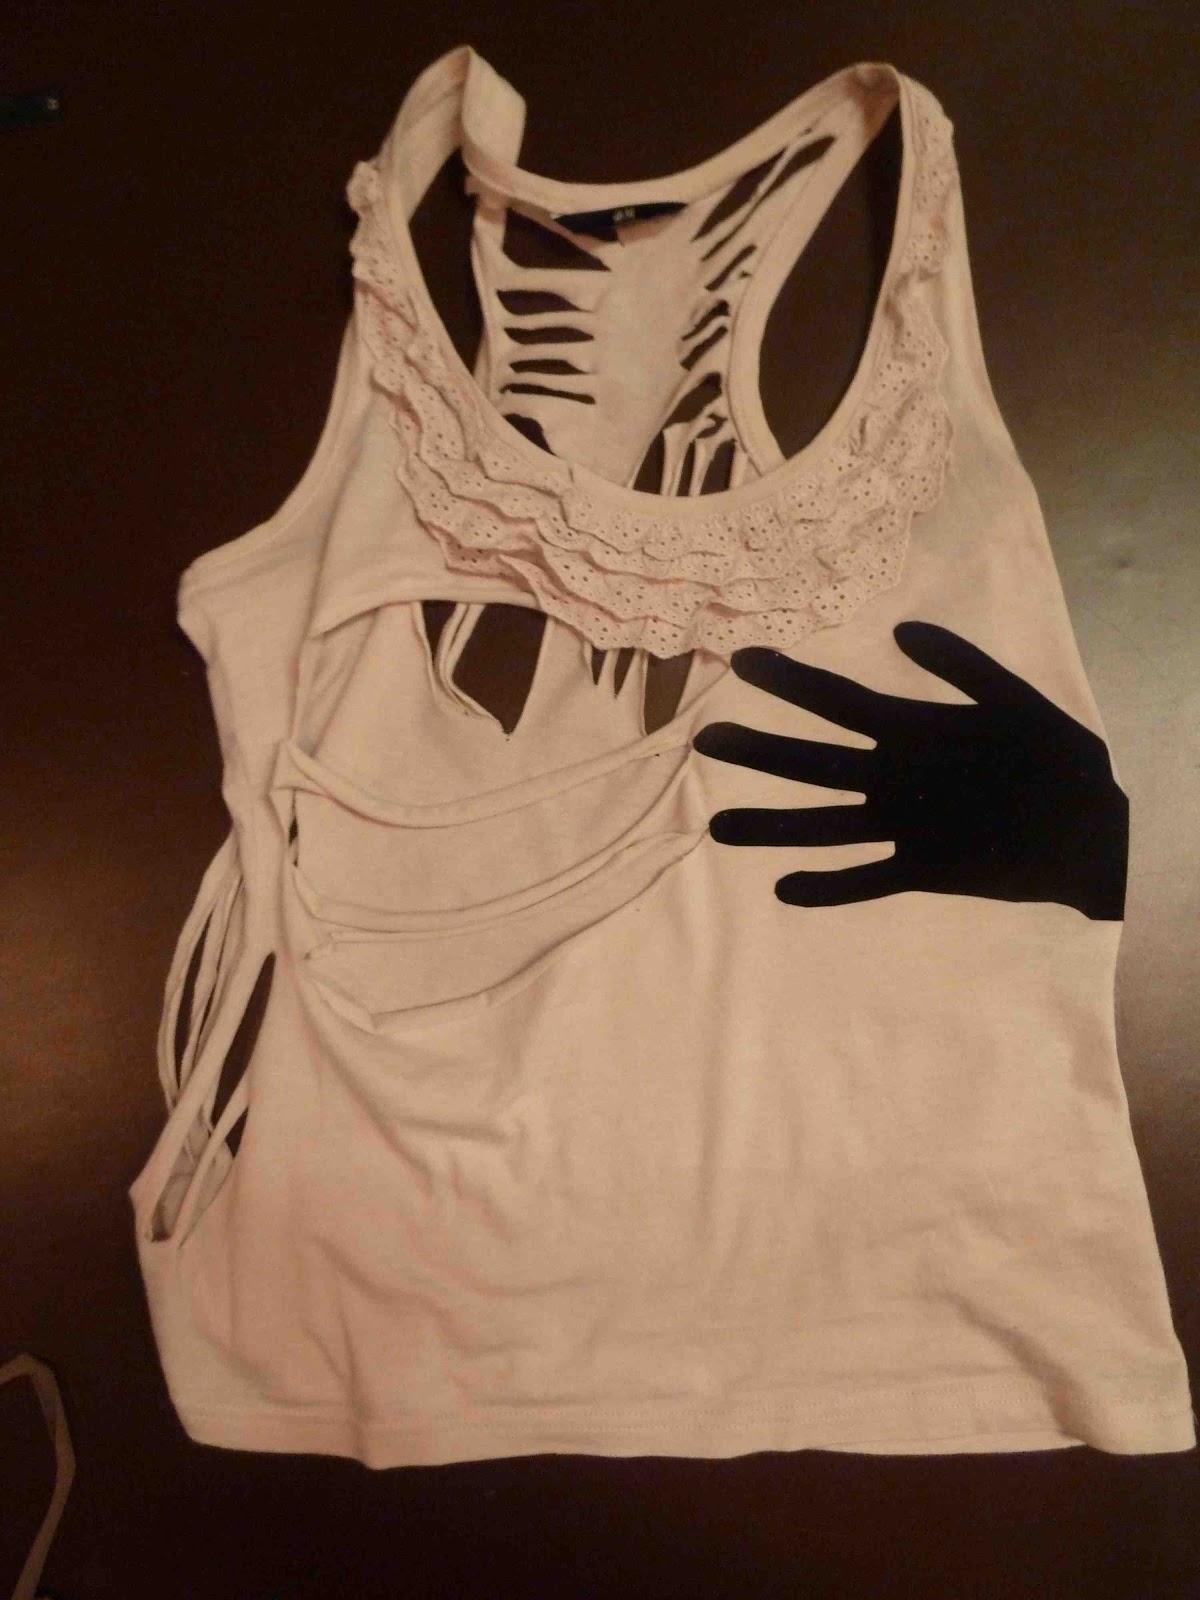 Mijn ogen zien en mijn handen maken: redesign a shirt